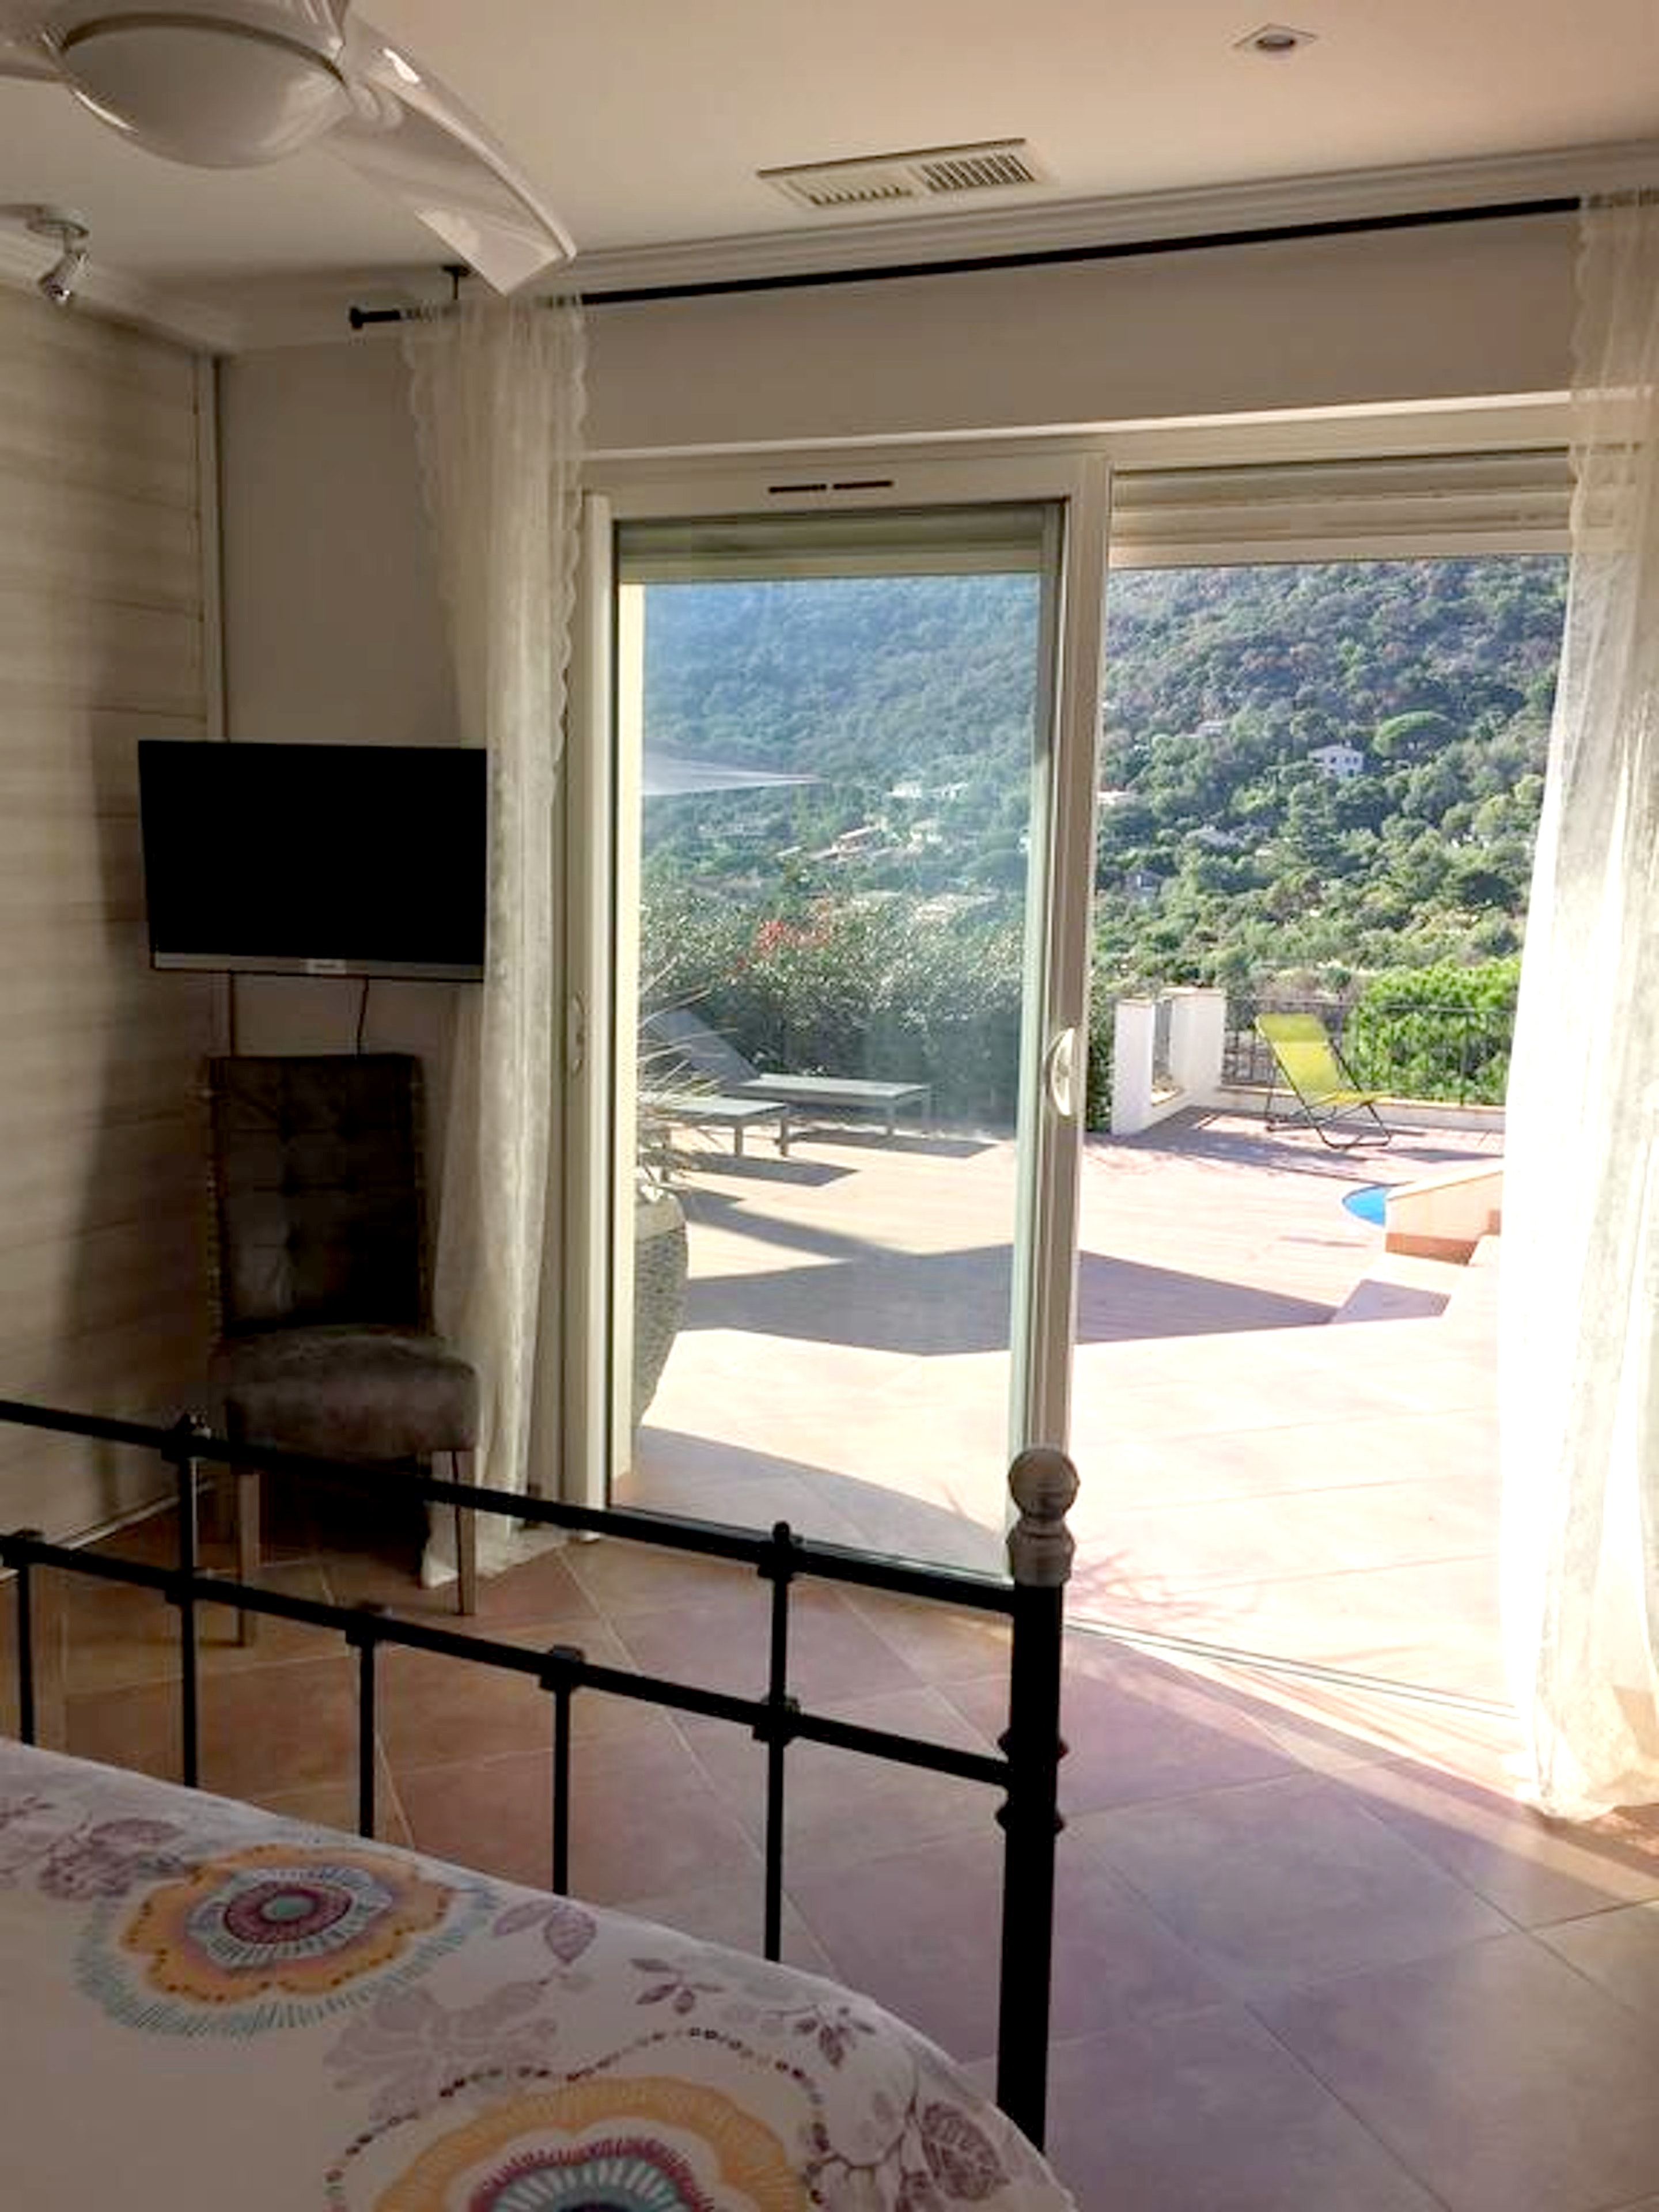 Maison de vacances Villa mit 5 Schlafzimmern in Rayol-Canadel-sur-Mer mit toller Aussicht auf die Berge, priv (2201555), Le Lavandou, Côte d'Azur, Provence - Alpes - Côte d'Azur, France, image 25